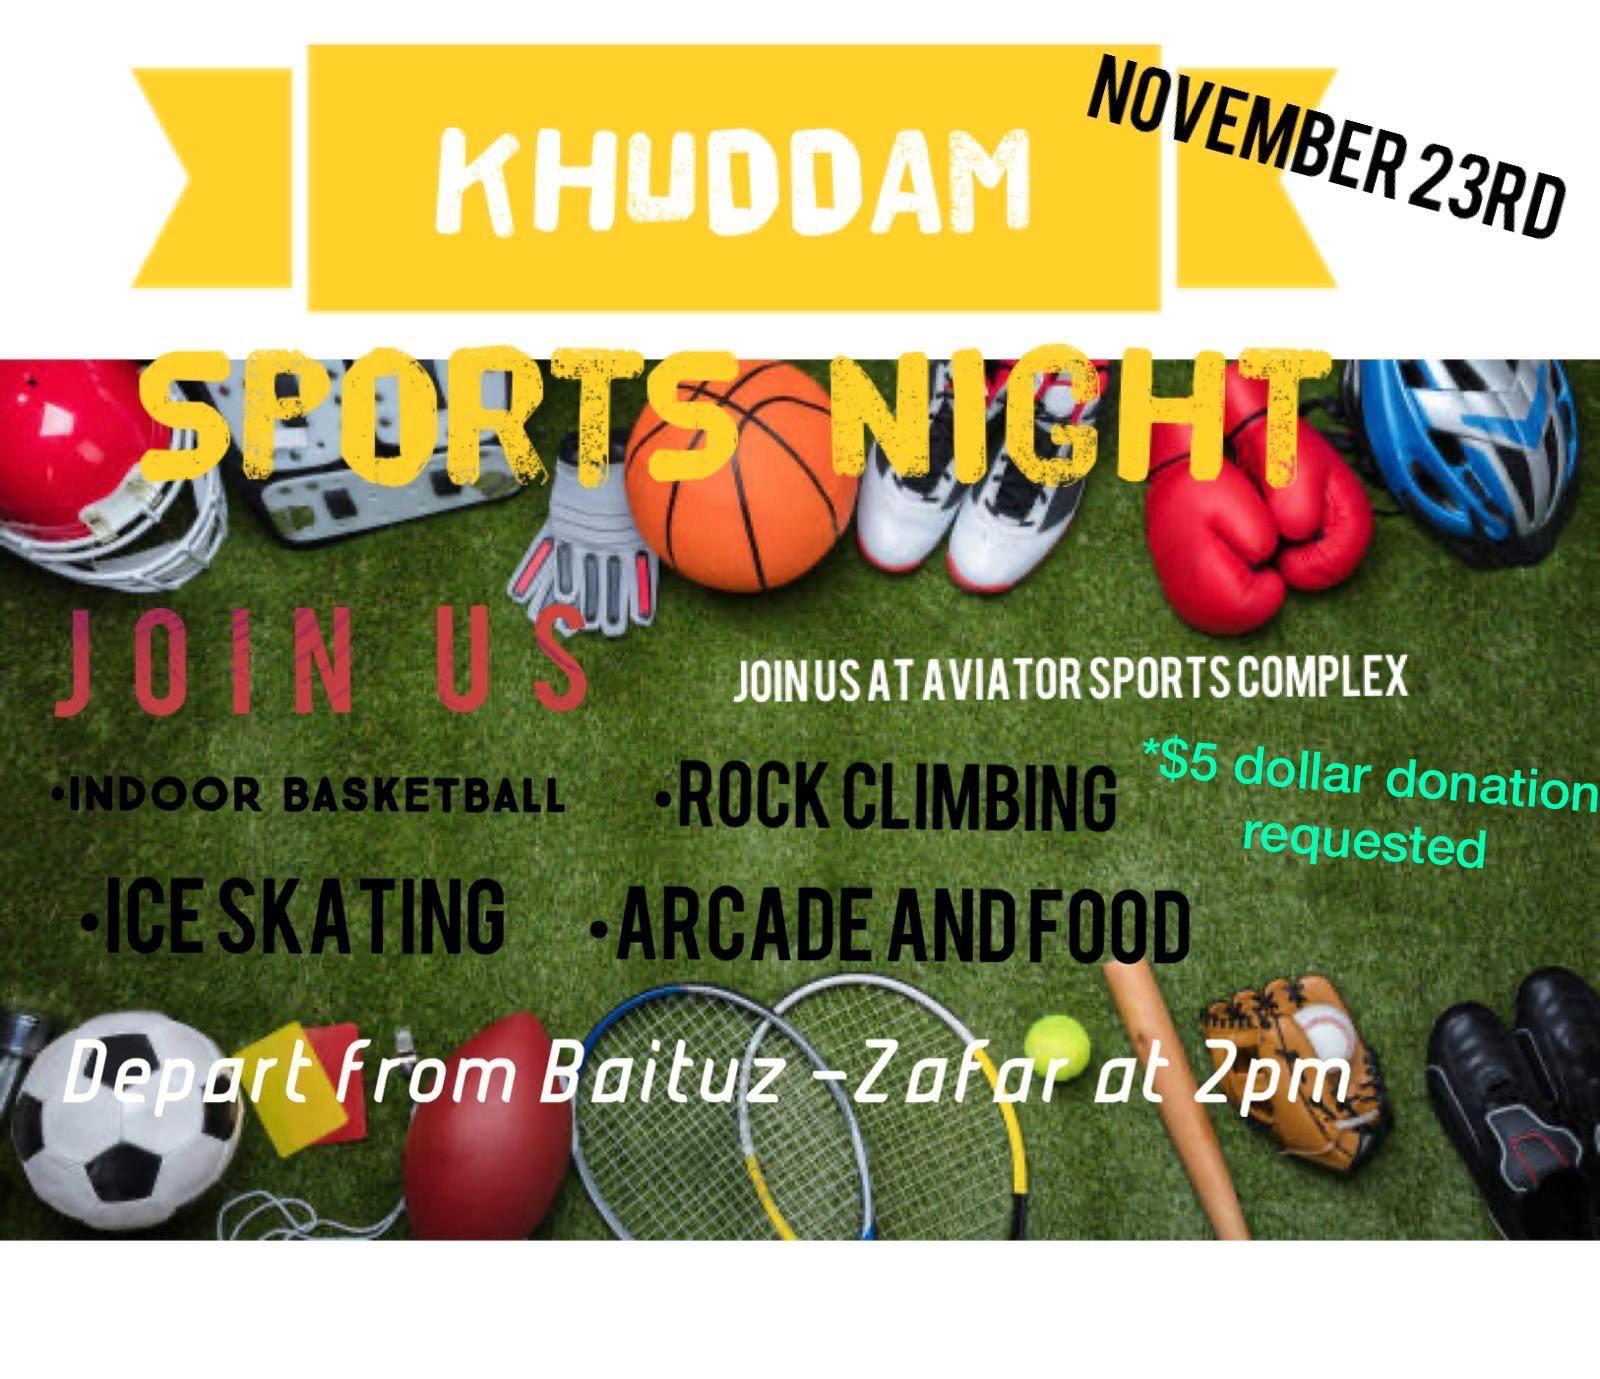 khuddam sports